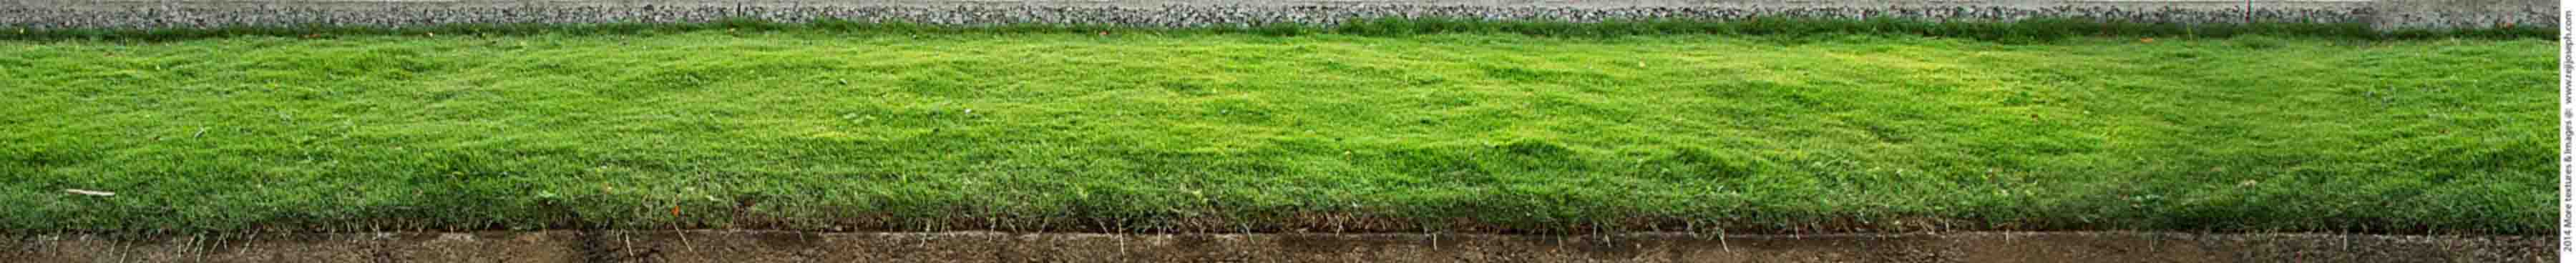 Grass texture 00001